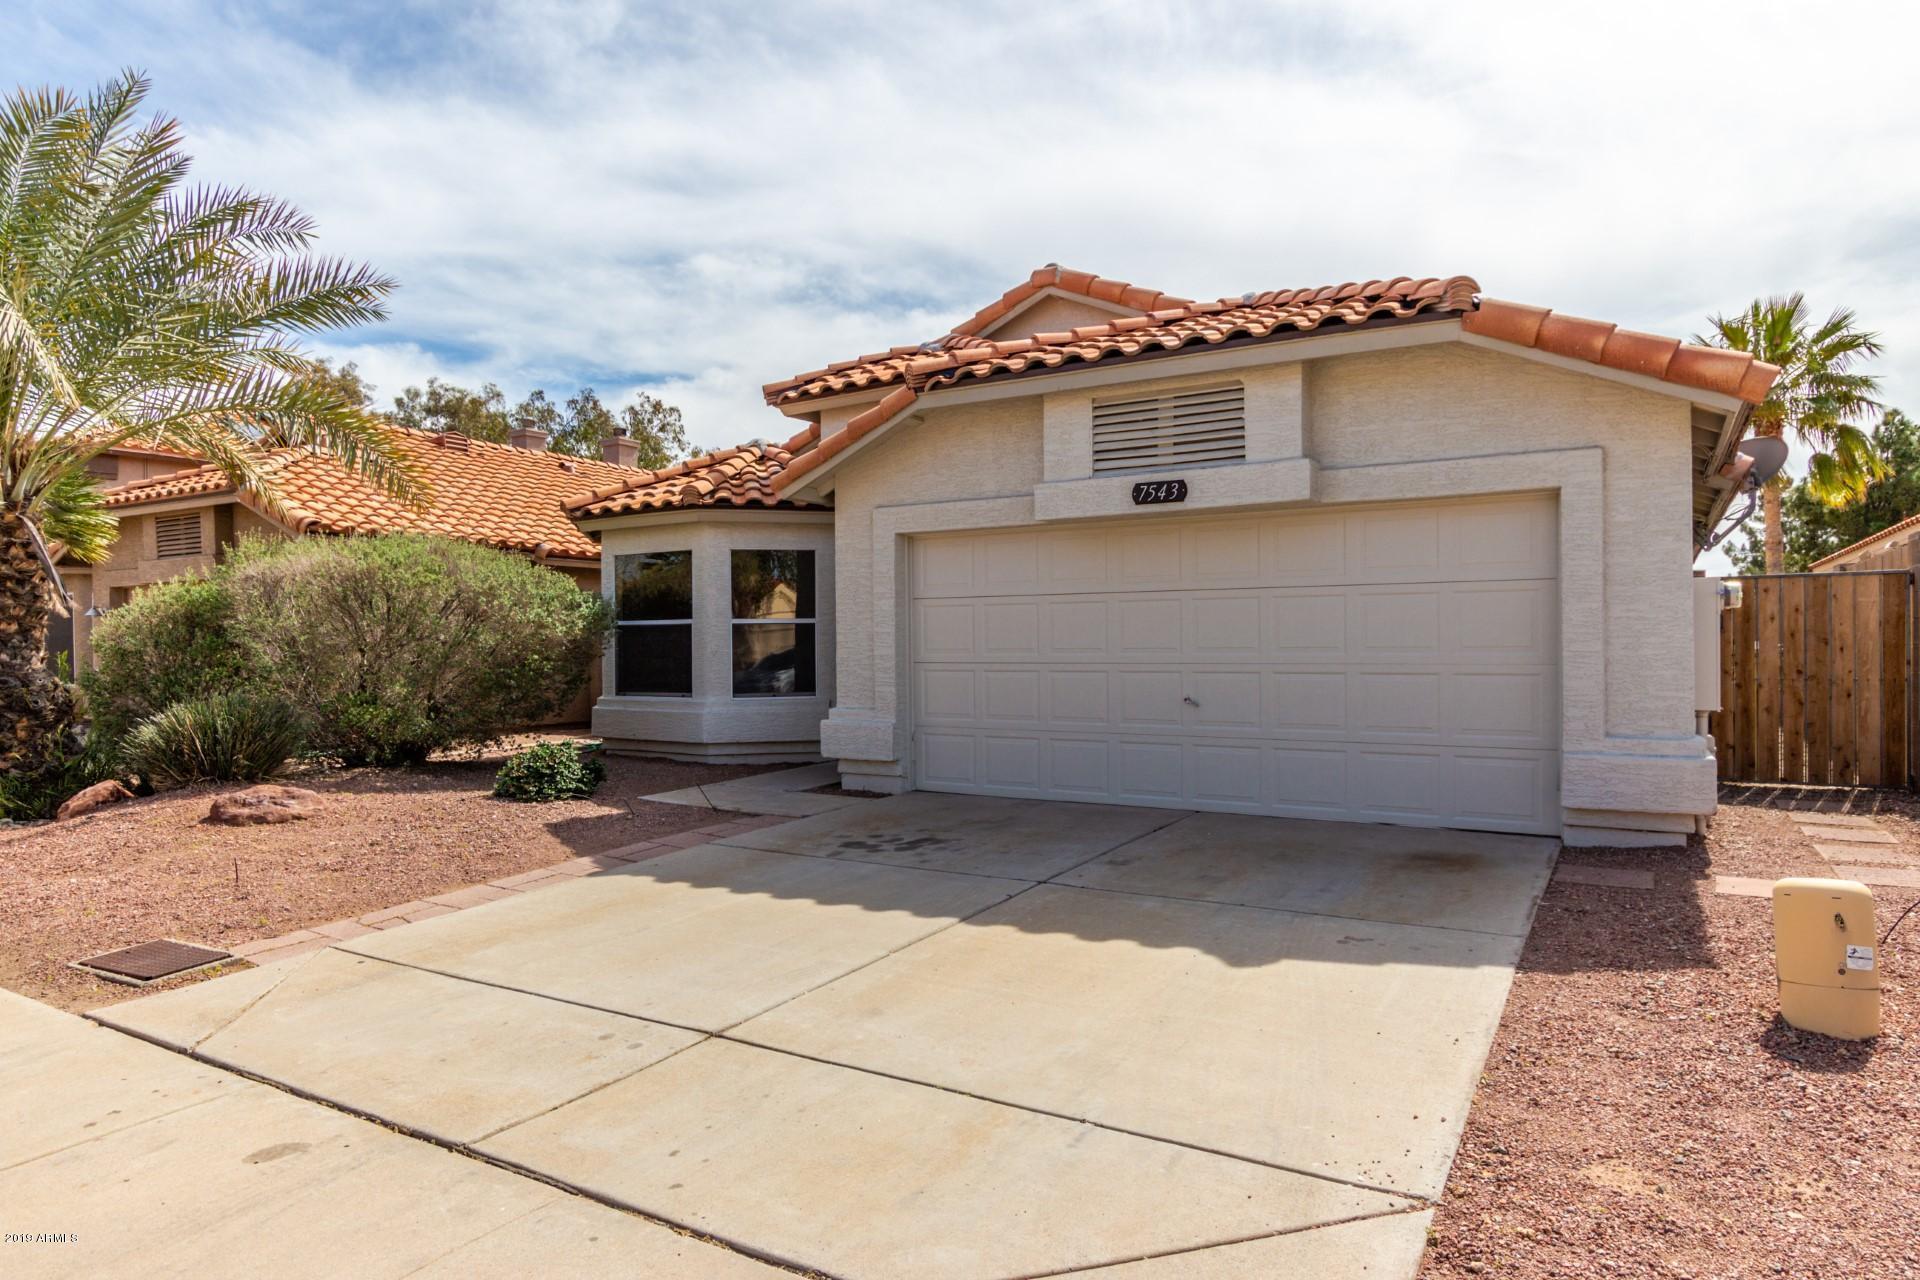 Photo of 7543 W KIMBERLY Way, Glendale, AZ 85308